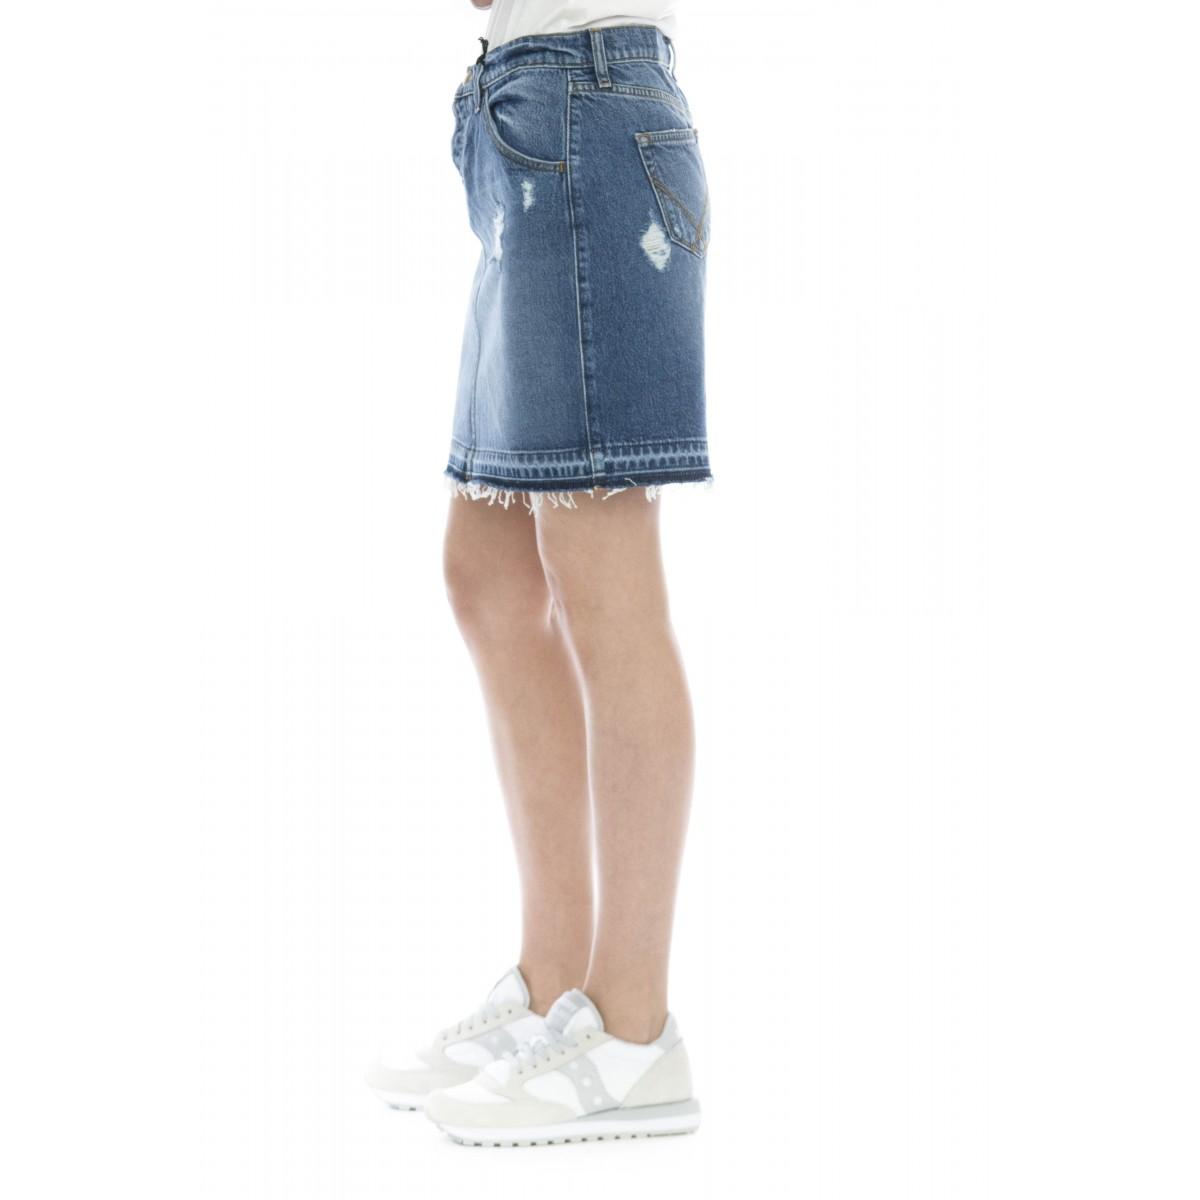 Gonna - Skirt noemi gonna jeans